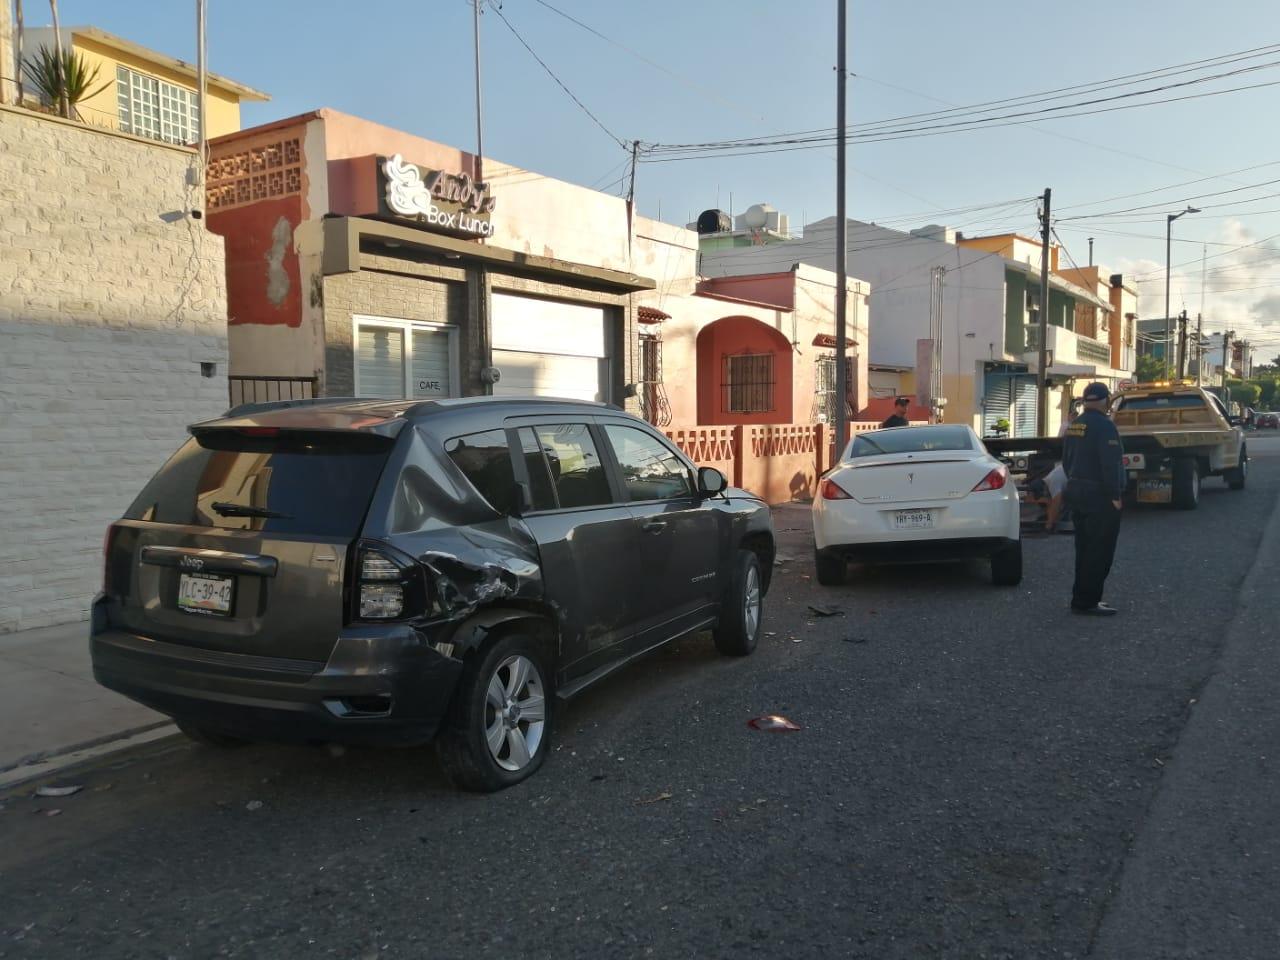 Choca contra camioneta estacionada en el centro de la ciudad